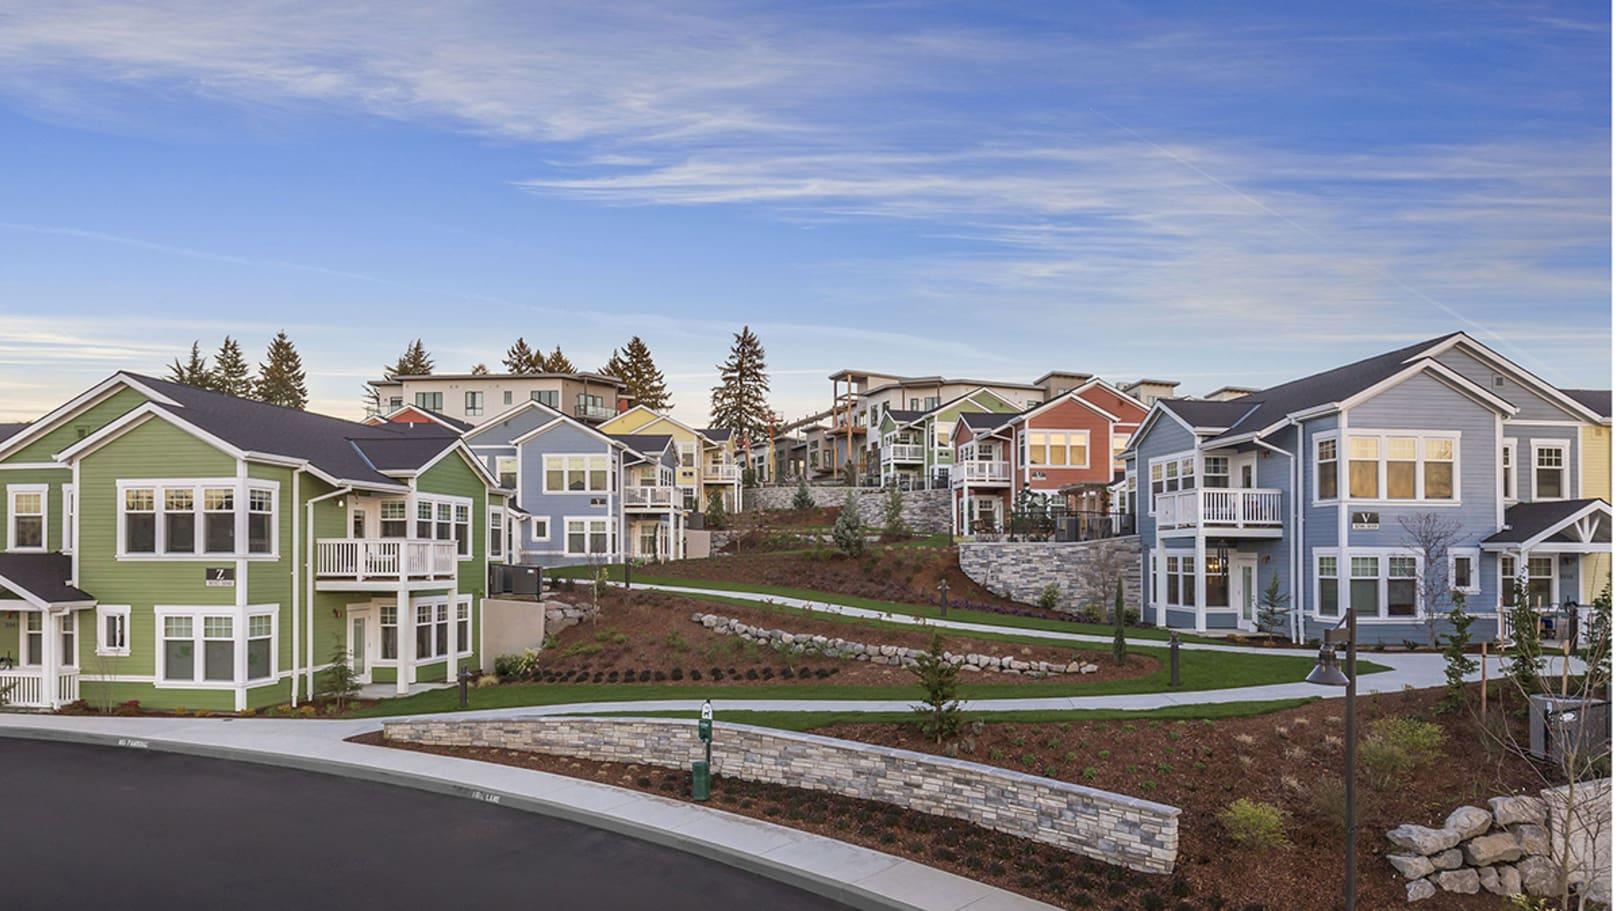 Rose Villa Pocket Neighborhoods & Main Street